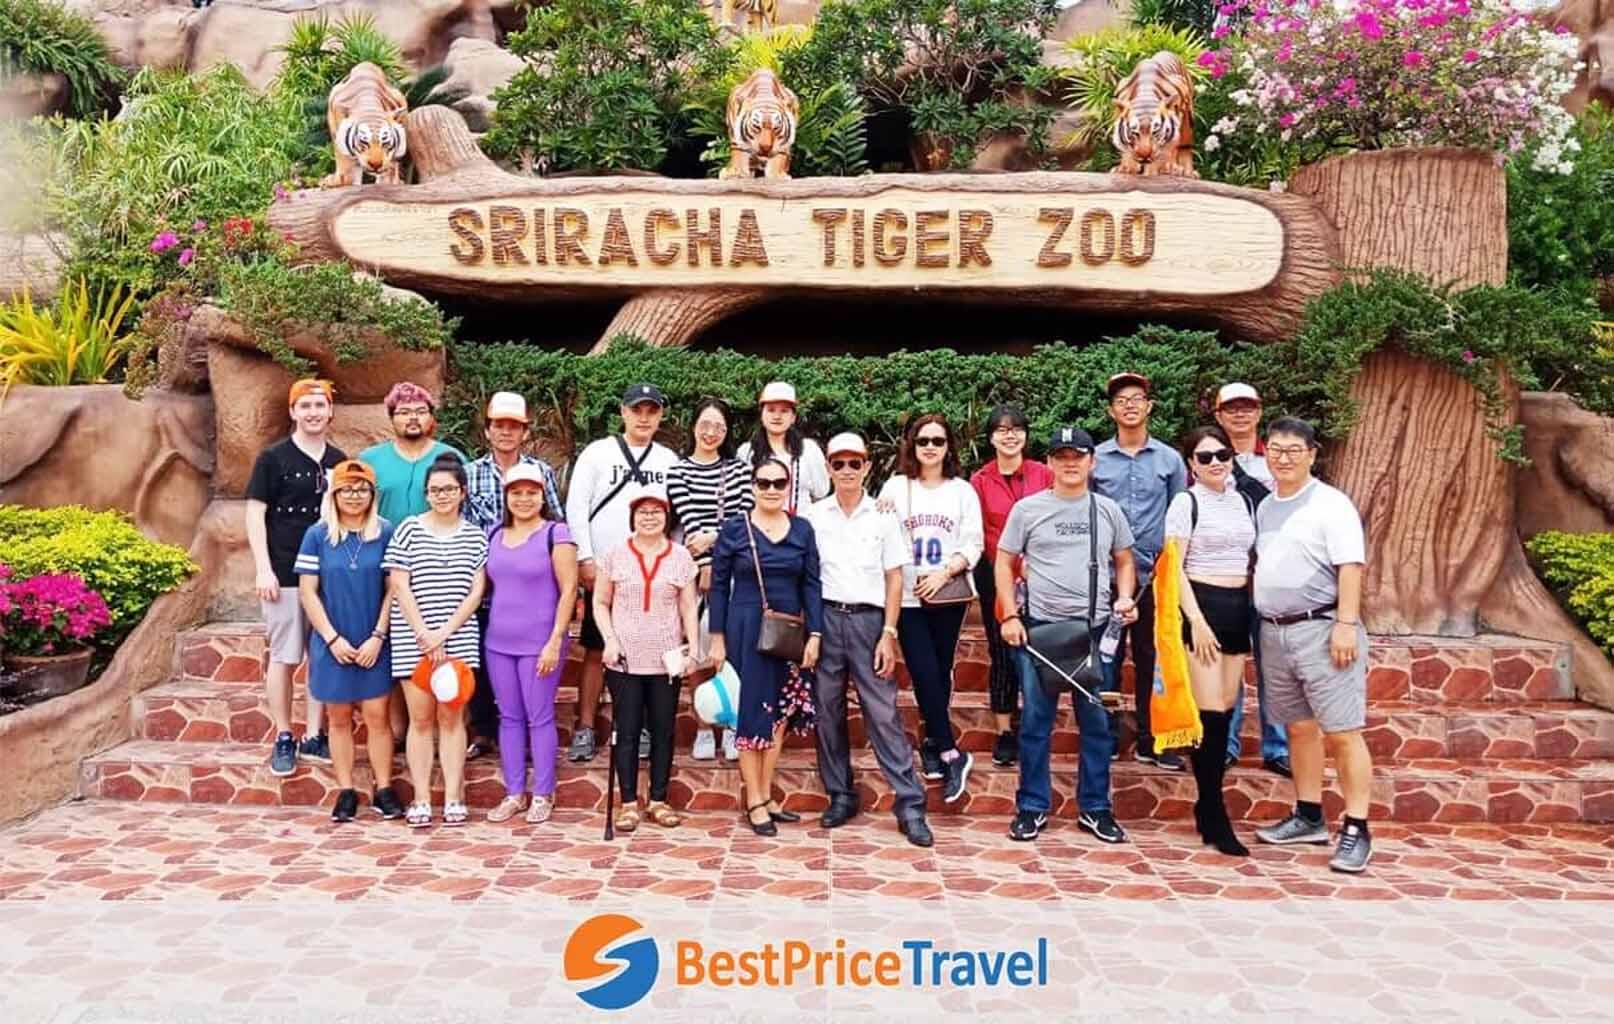 Tham quan Trại Hổ Sriracha Tiger Zoo